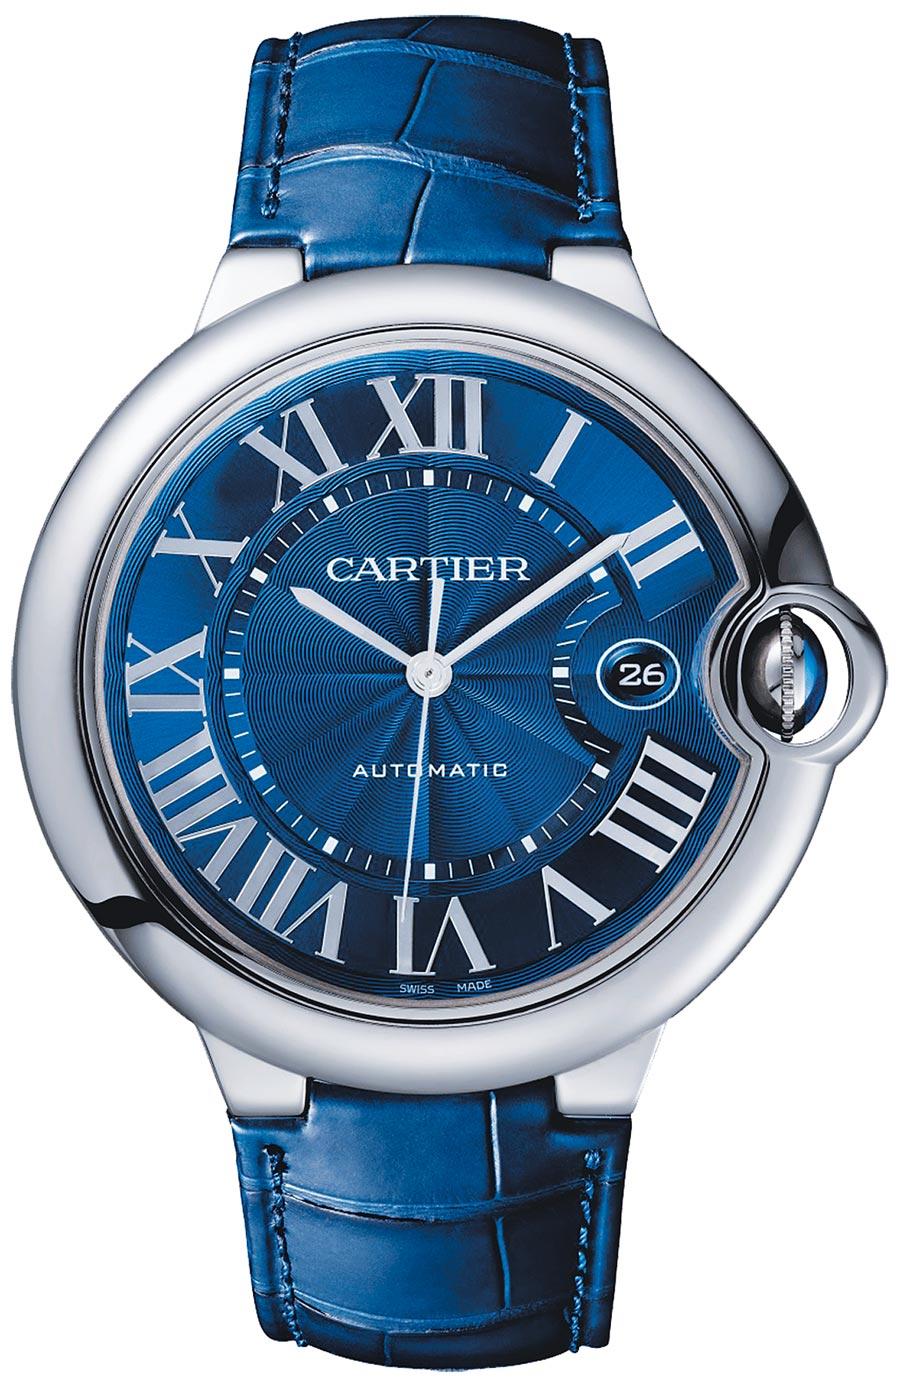 卡地亞Ballon Bleu de Cartier藍氣球腕表,19萬2000元。(Cartier提供)